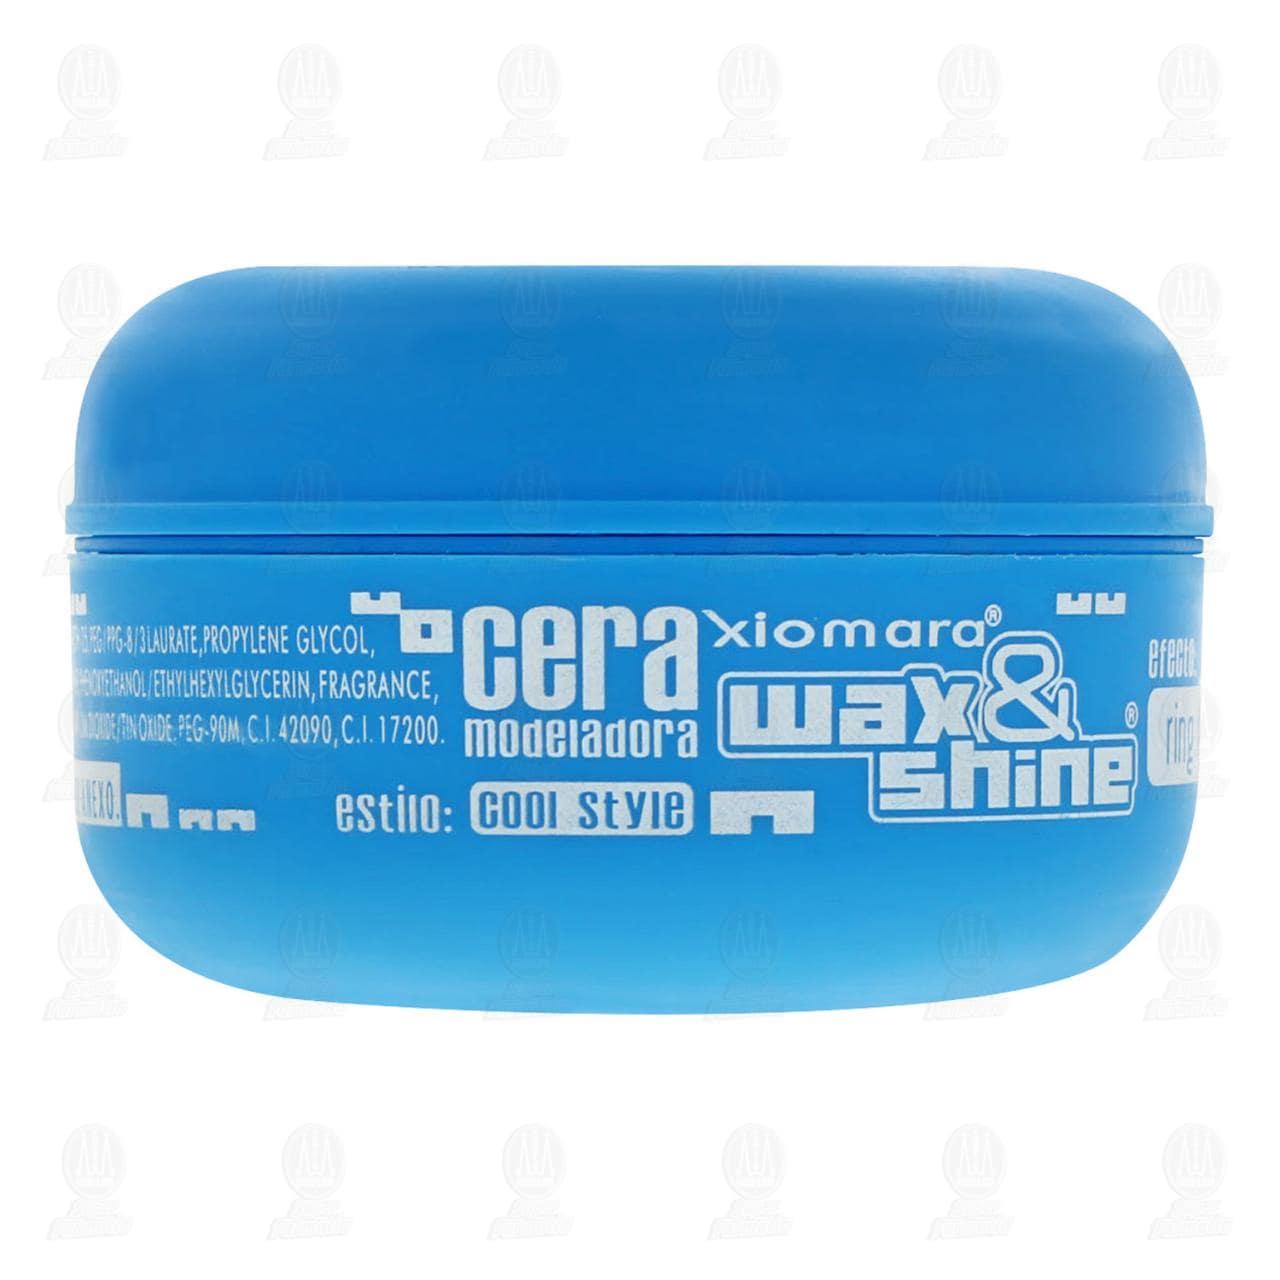 comprar https://www.movil.farmaciasguadalajara.com/wcsstore/FGCAS/wcs/products/1330080_A_1280_AL.jpg en farmacias guadalajara